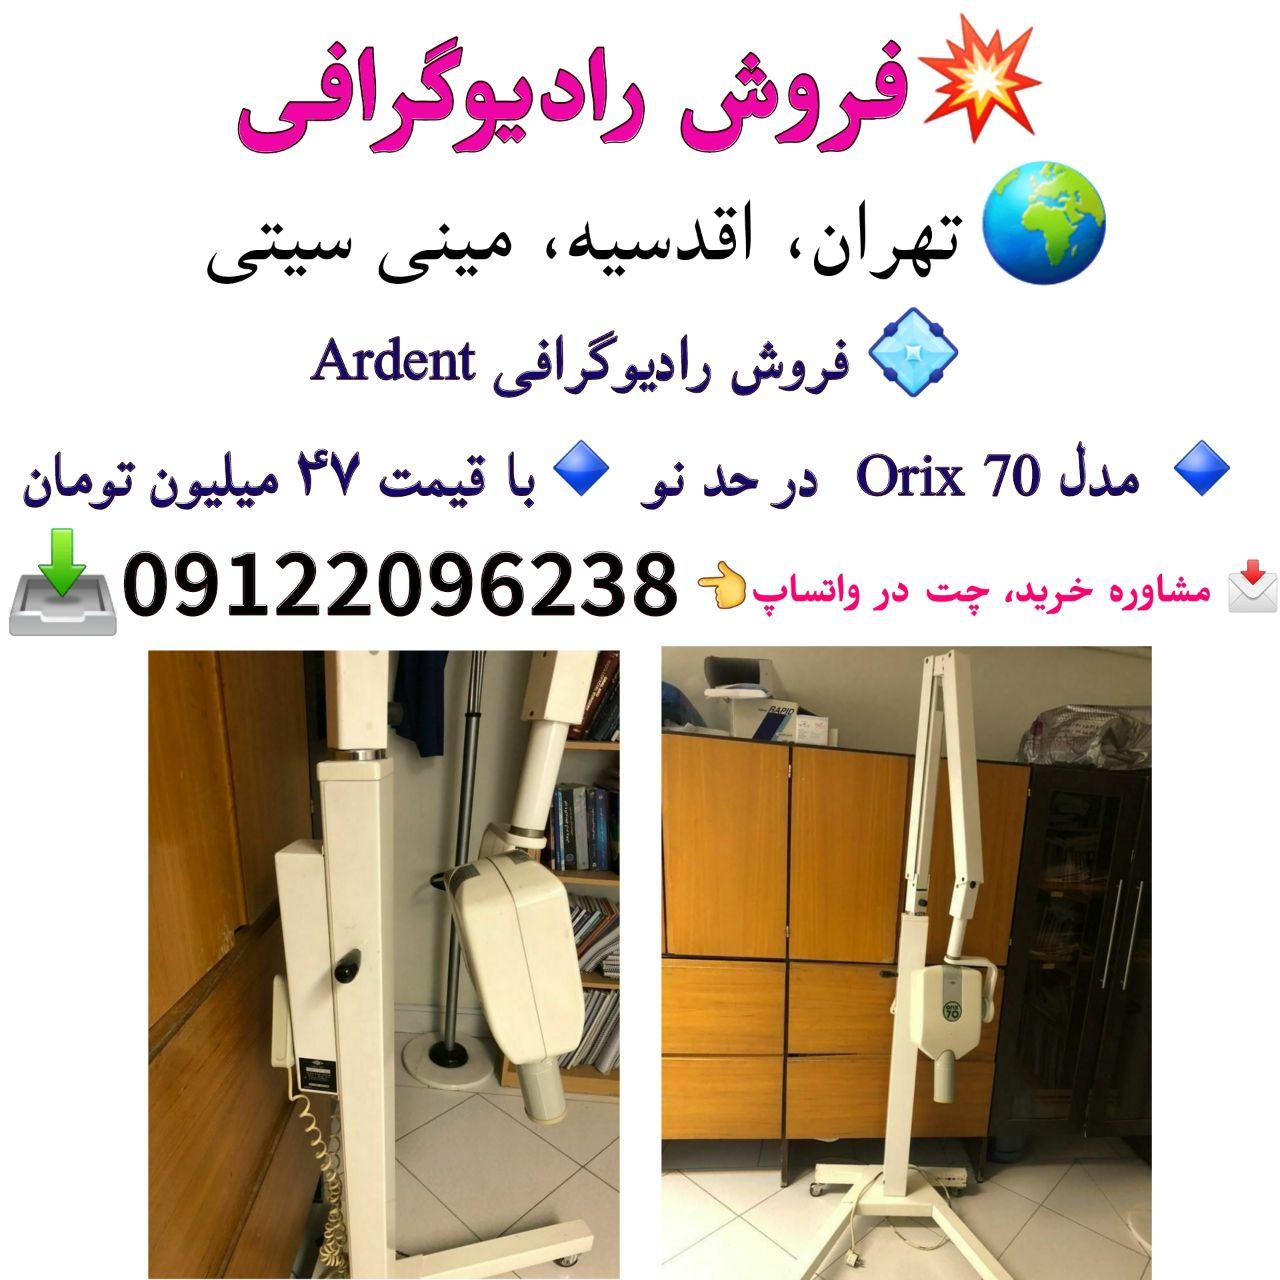 تهران: اقدسیه، مینی سیتی